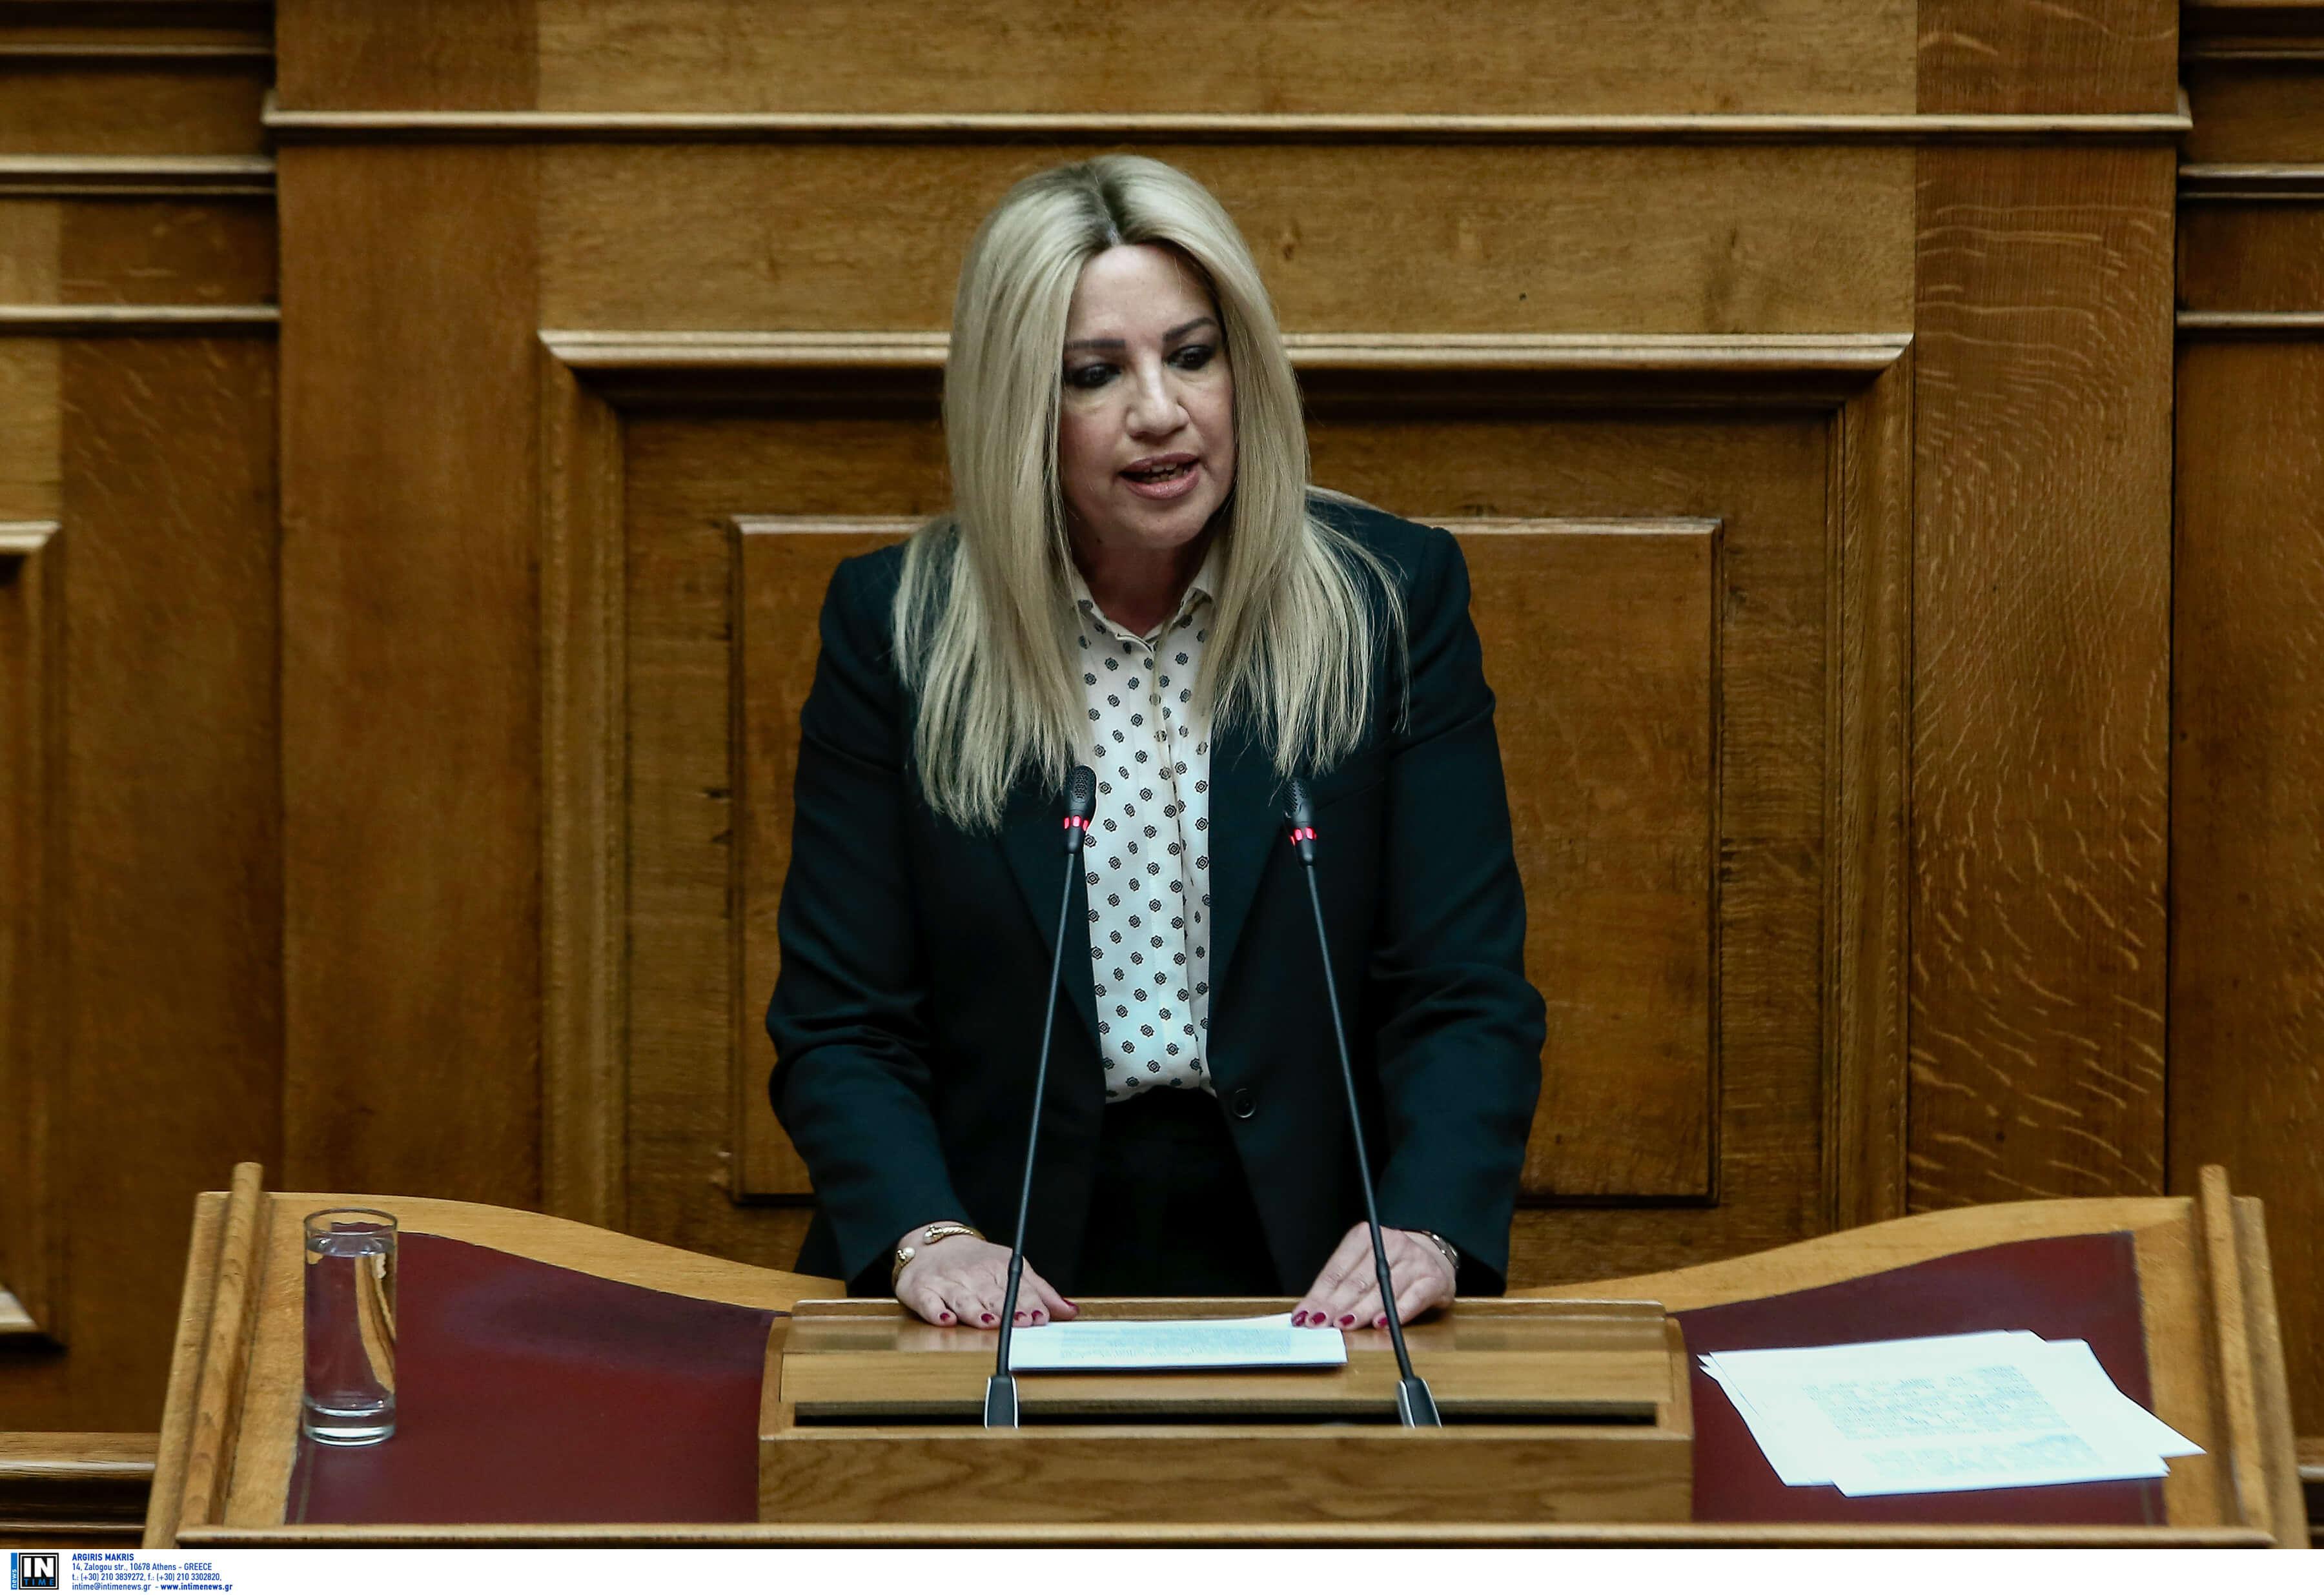 Στηρίζει Λοβέρδο η Γεννηματά: Έχει δώσει αποστομωτικές απαντήσεις - Θα λάμψει η αλήθεια όπως στο «βρώμικο '89»